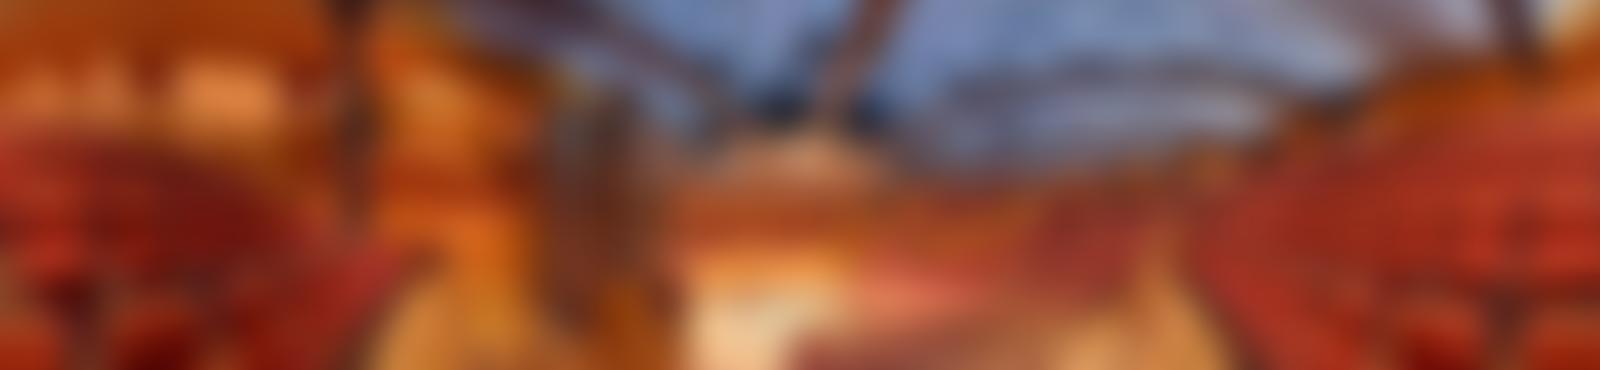 Blurred 460221 10150685209949659 1067173285 o